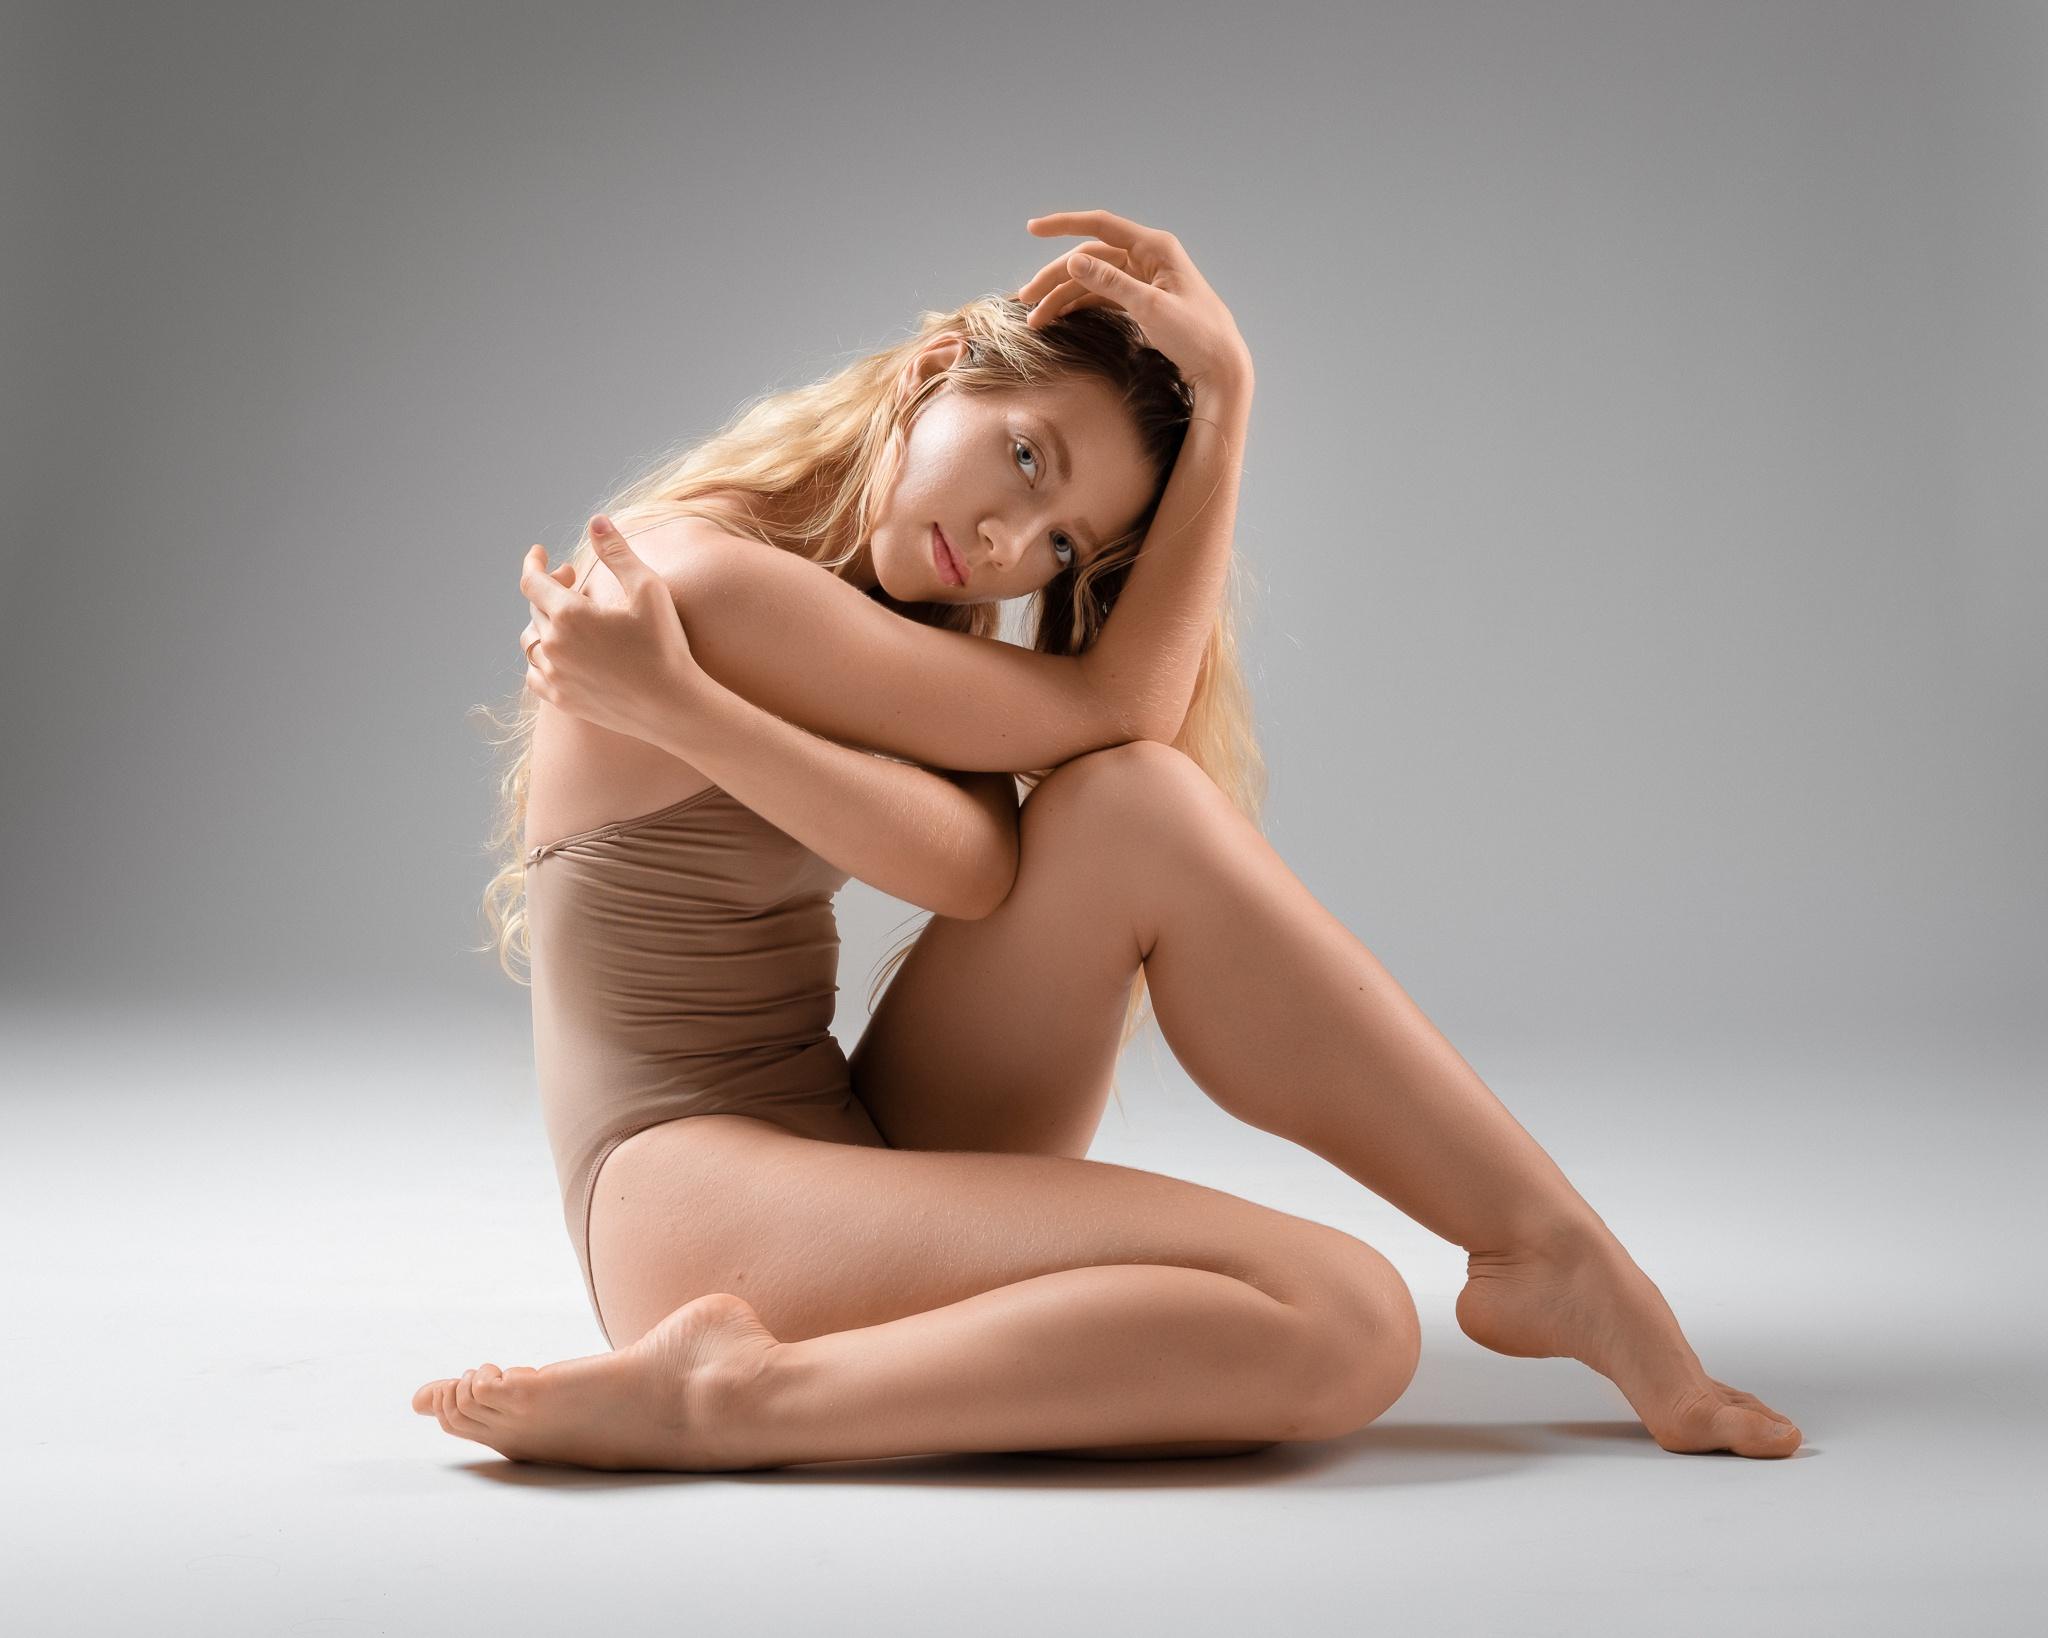 Ноги Женщины Обнажены